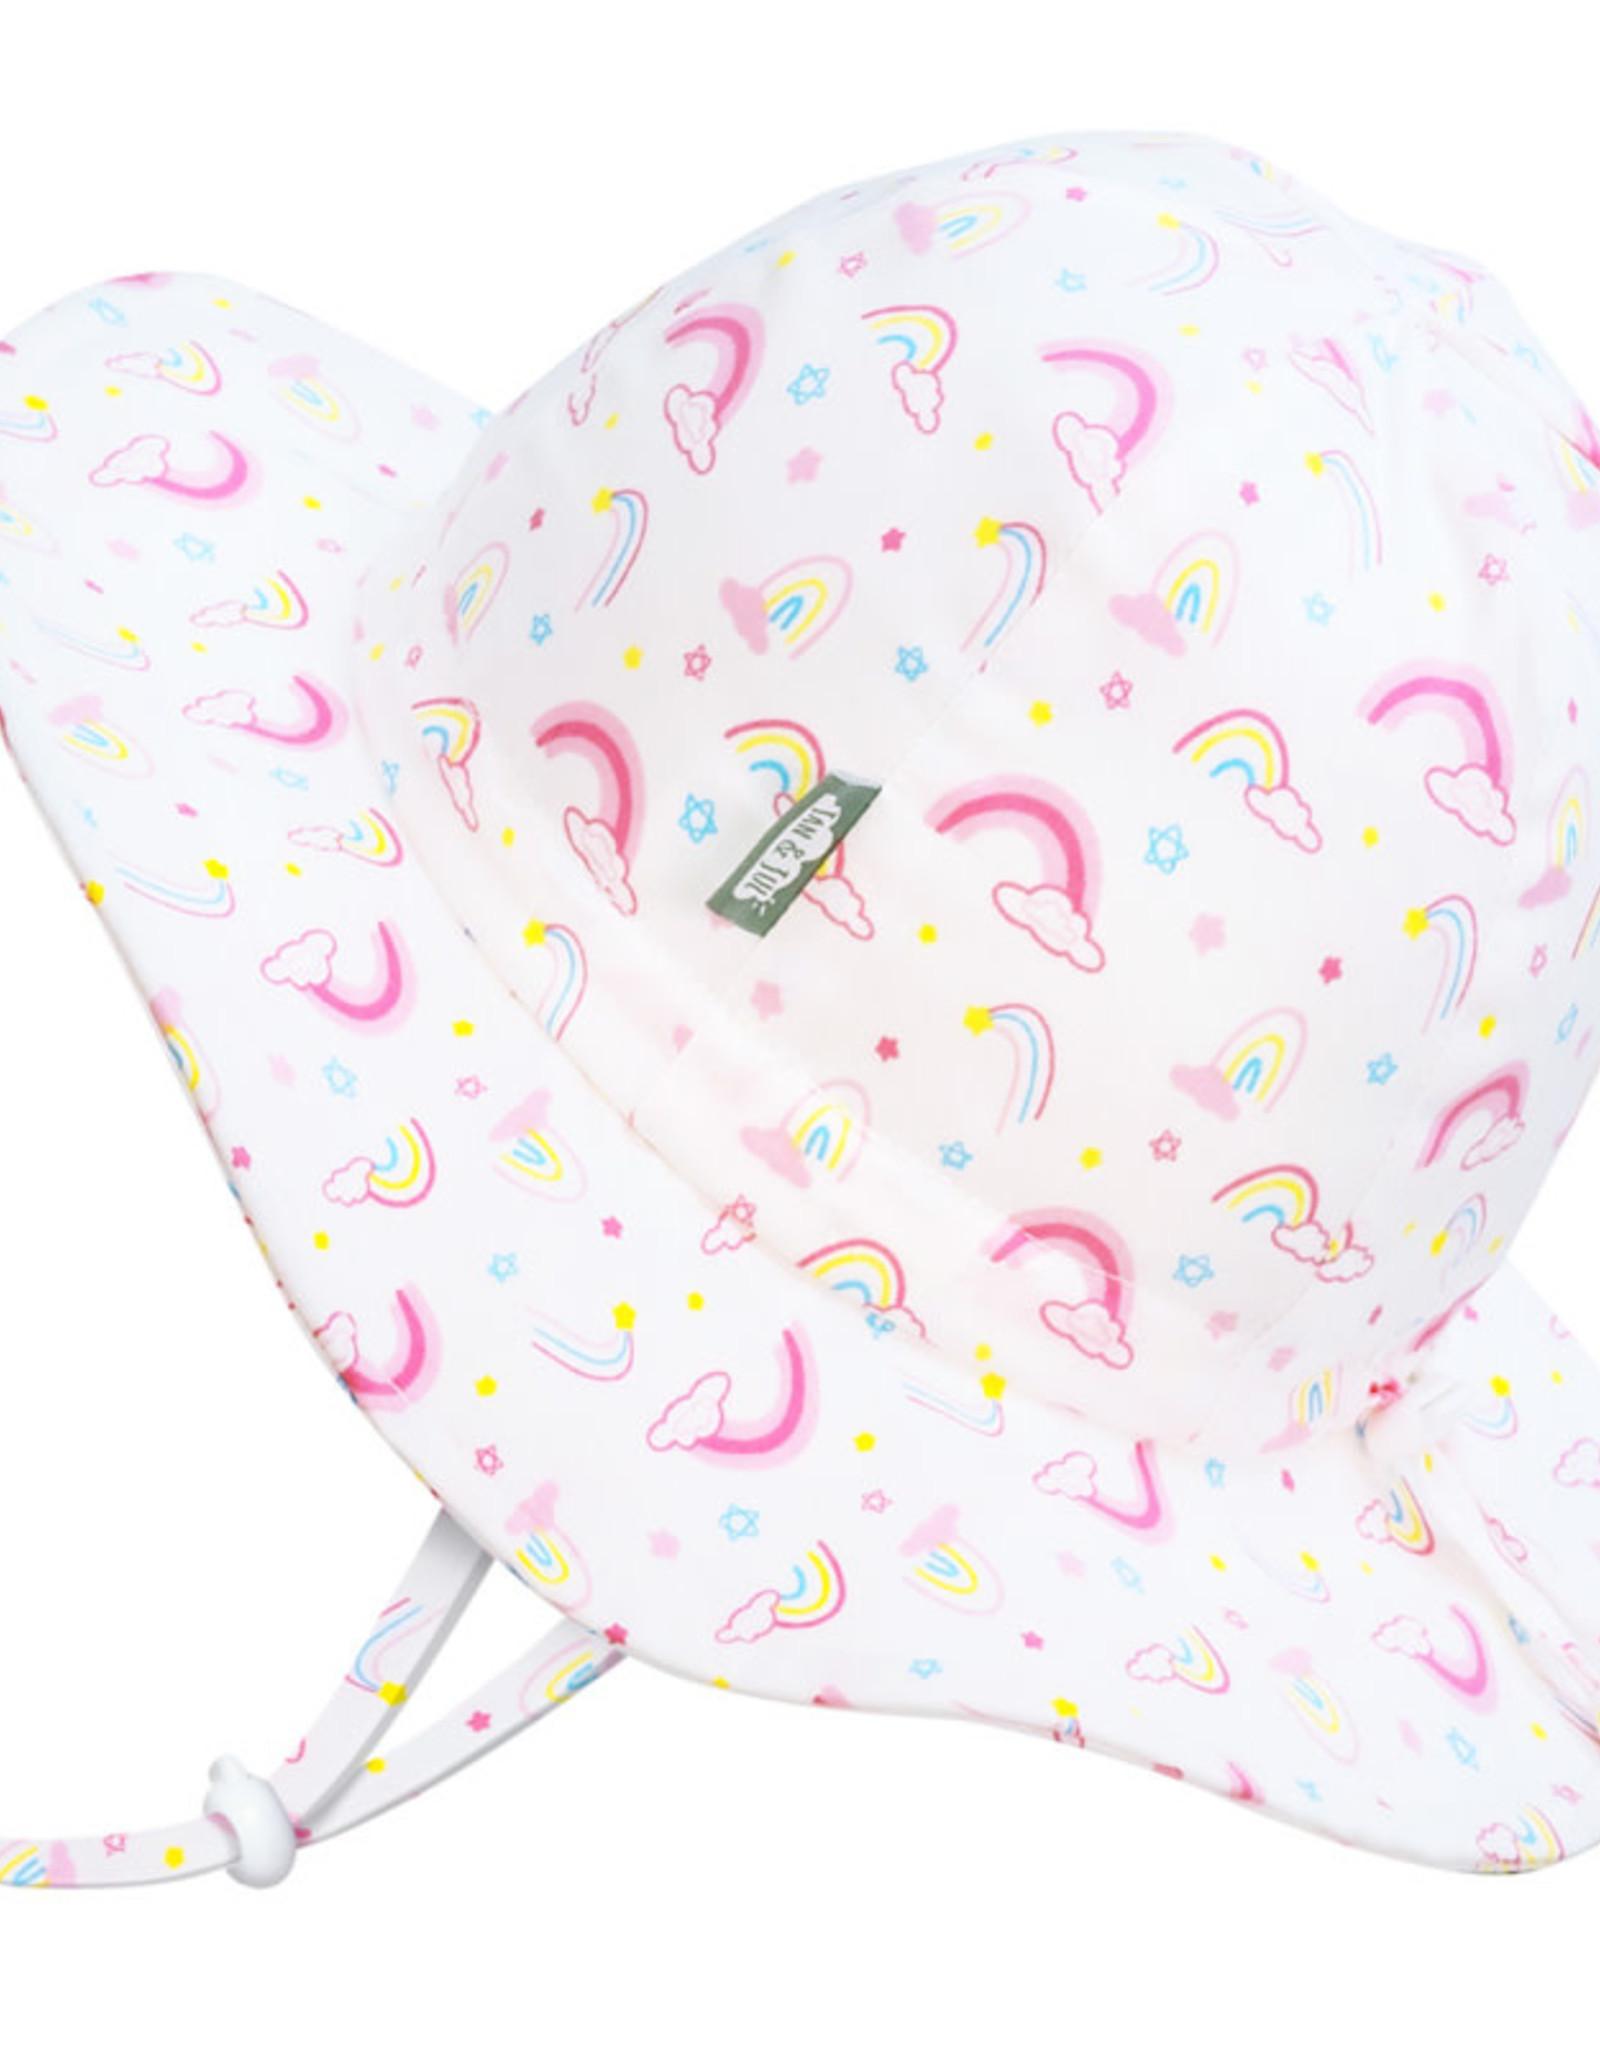 Jan & Jul Jan & Jul Rainbow Cotton Floppy Hat